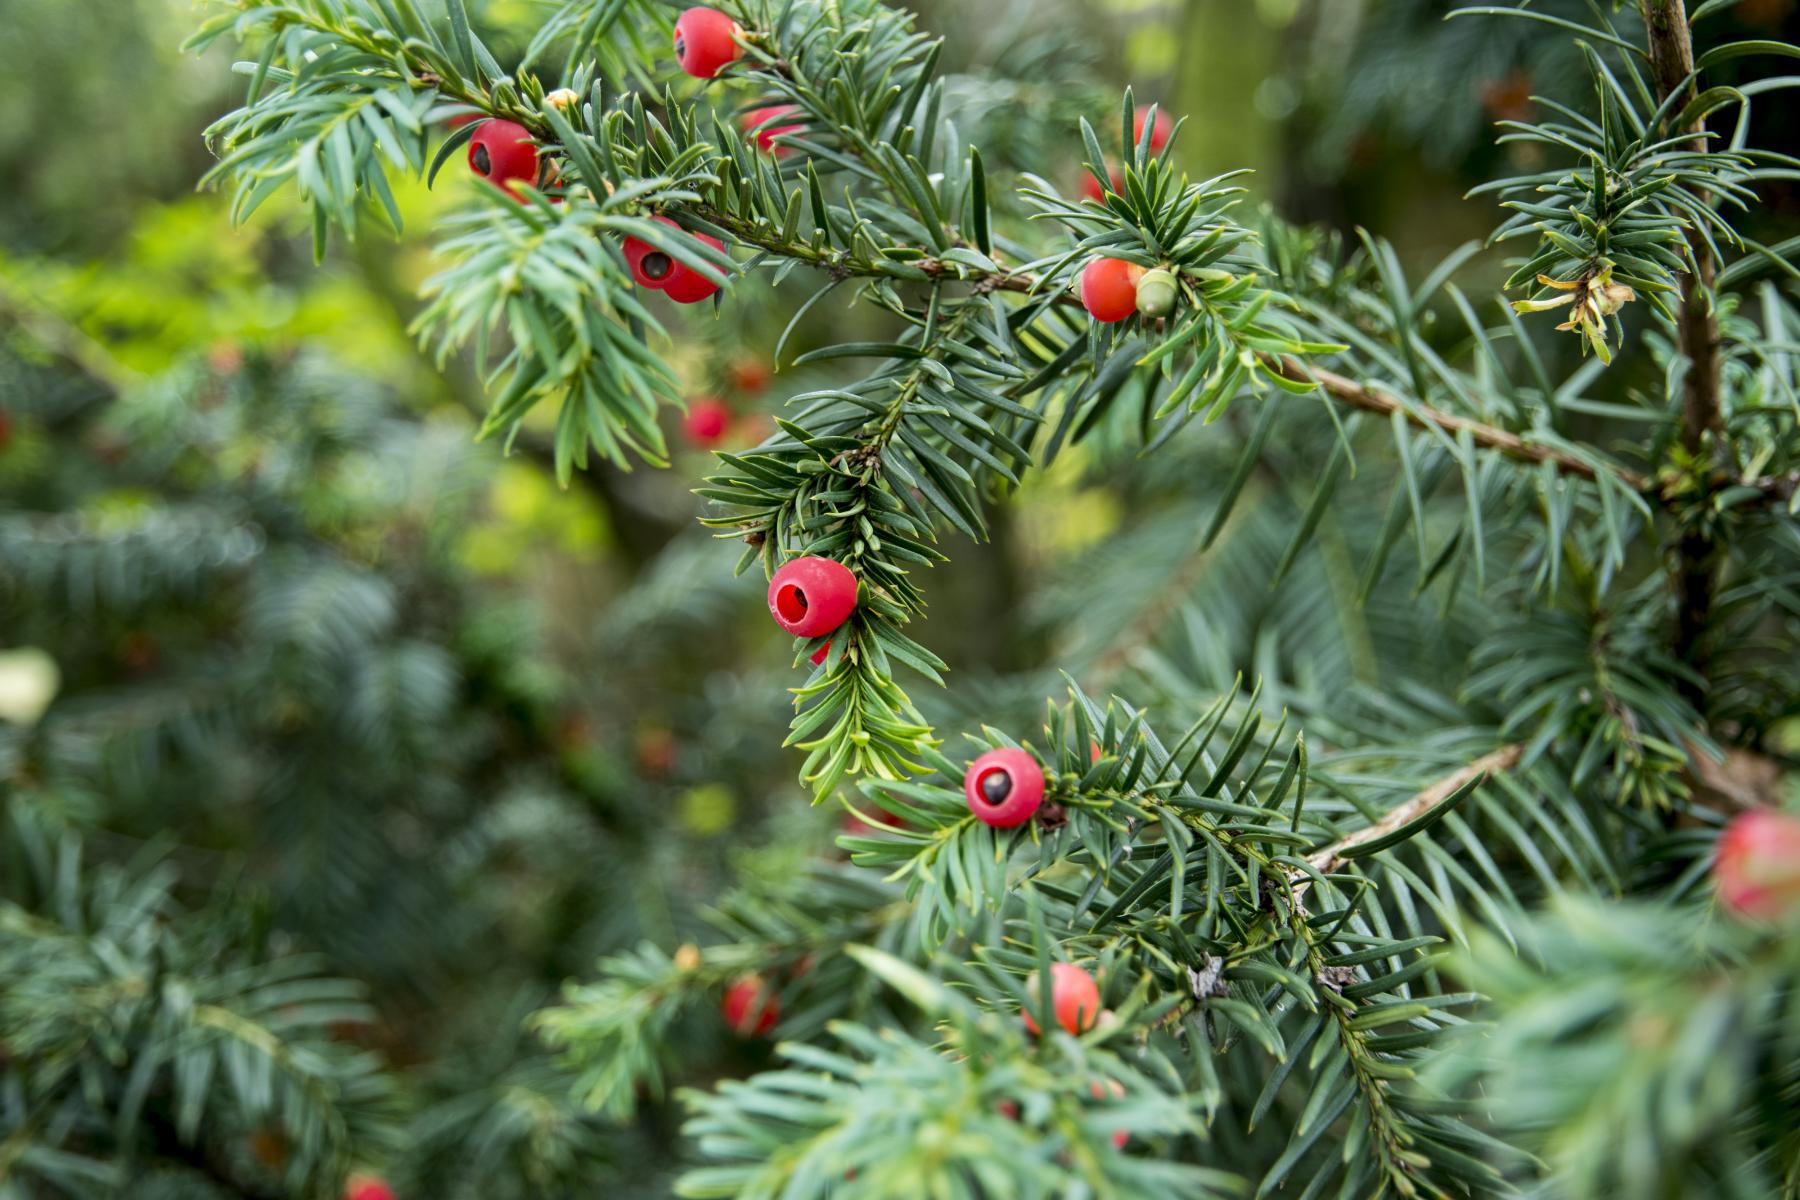 Mørkegrønne nåler og røde bær med synlige frø i.